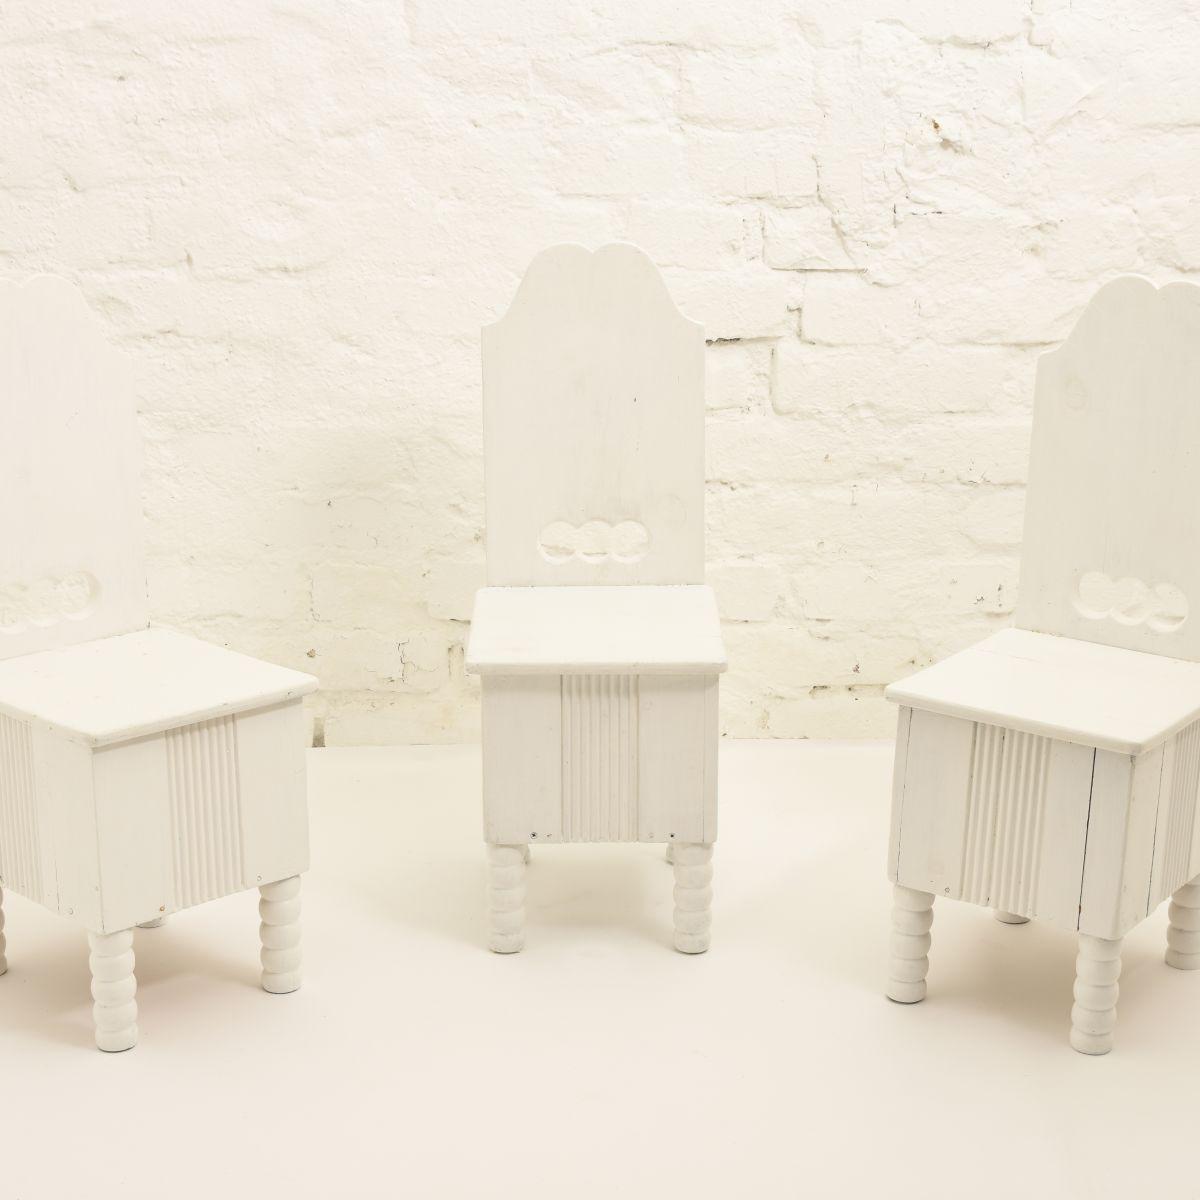 Saarinen-Eliel-Elisa-Kids-Chair